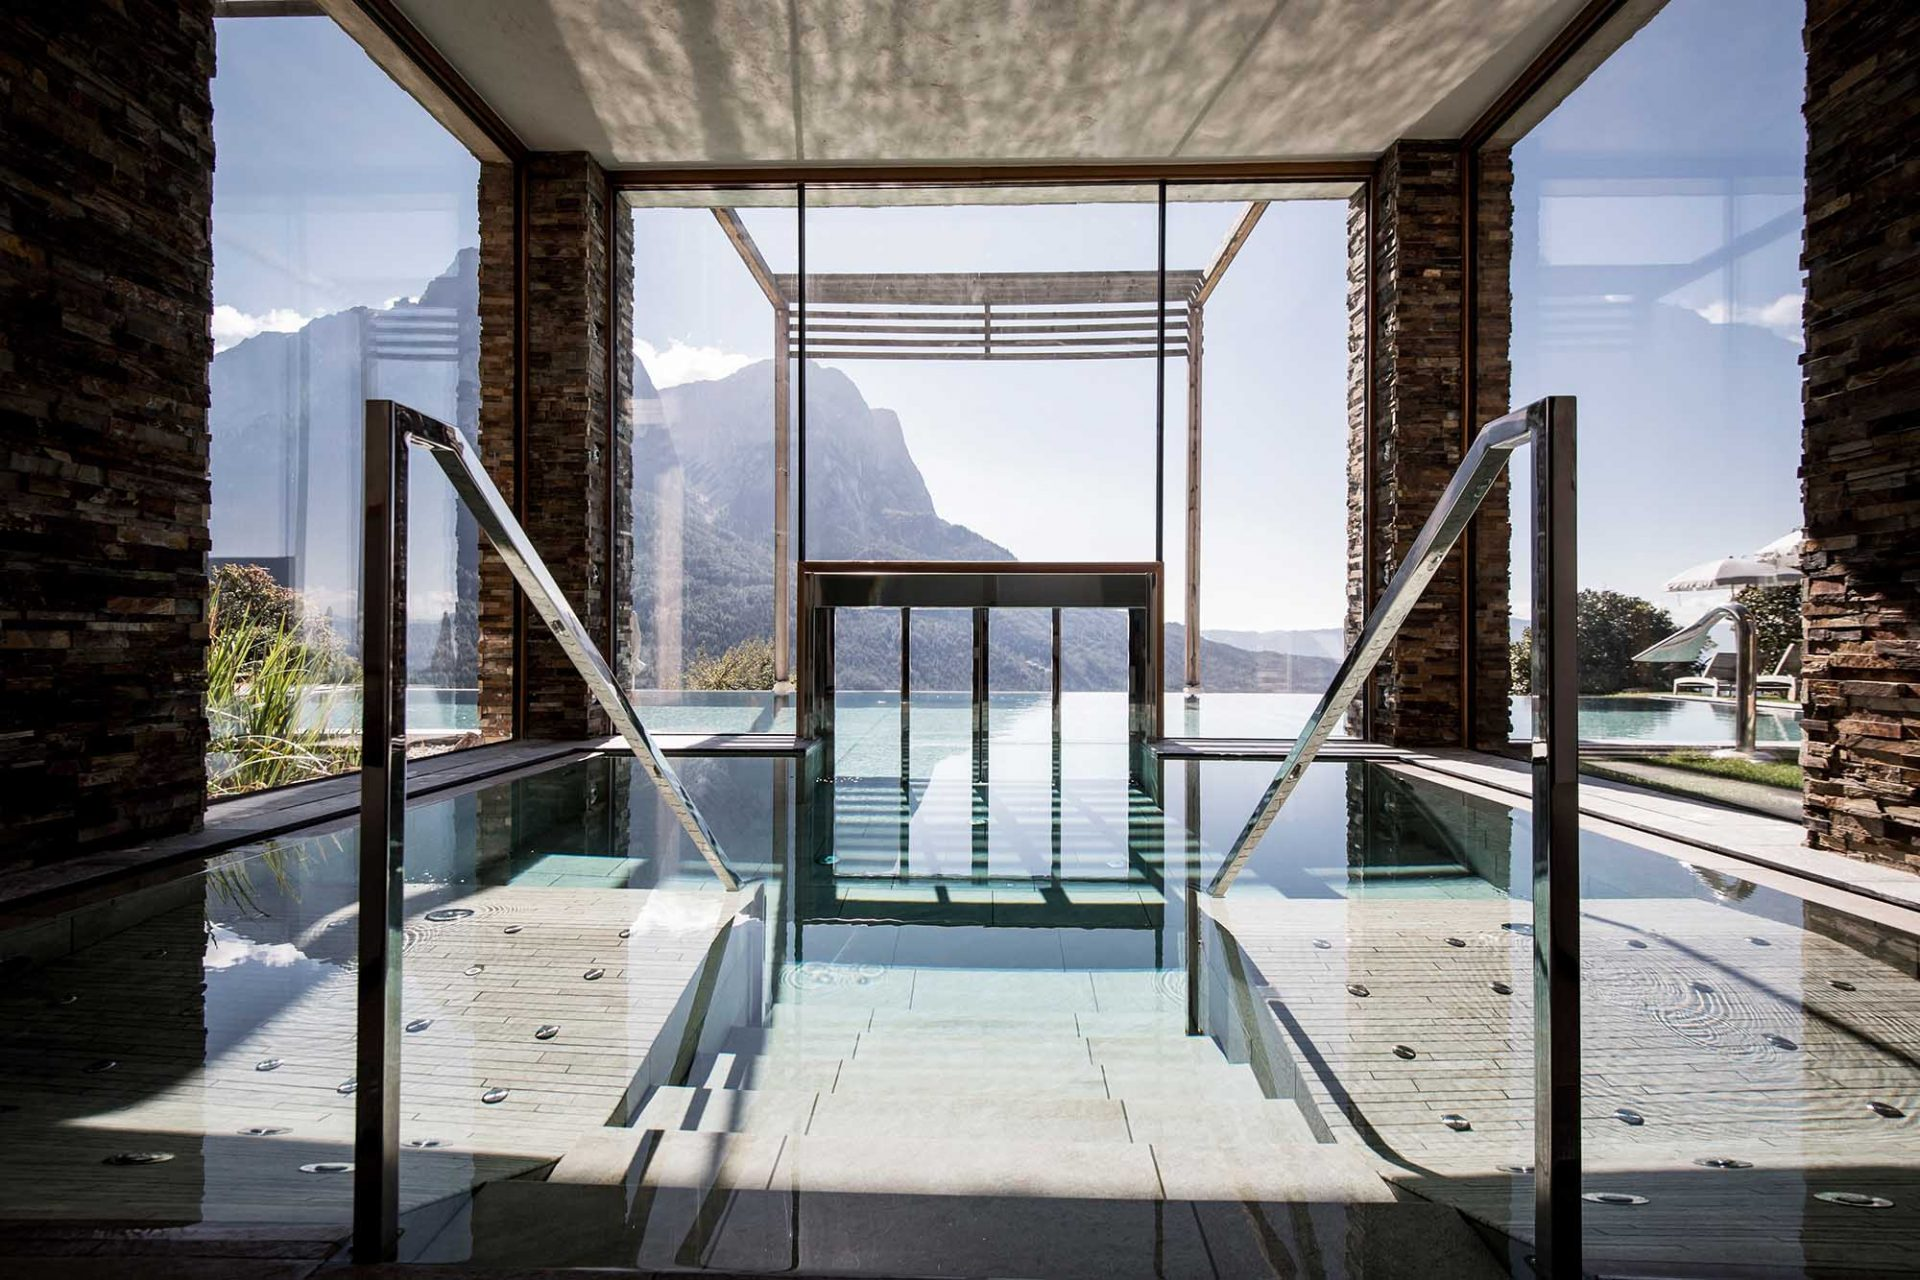 Valentinerhof. Pool und Spa als Zentrum der Wellness-Anlage.